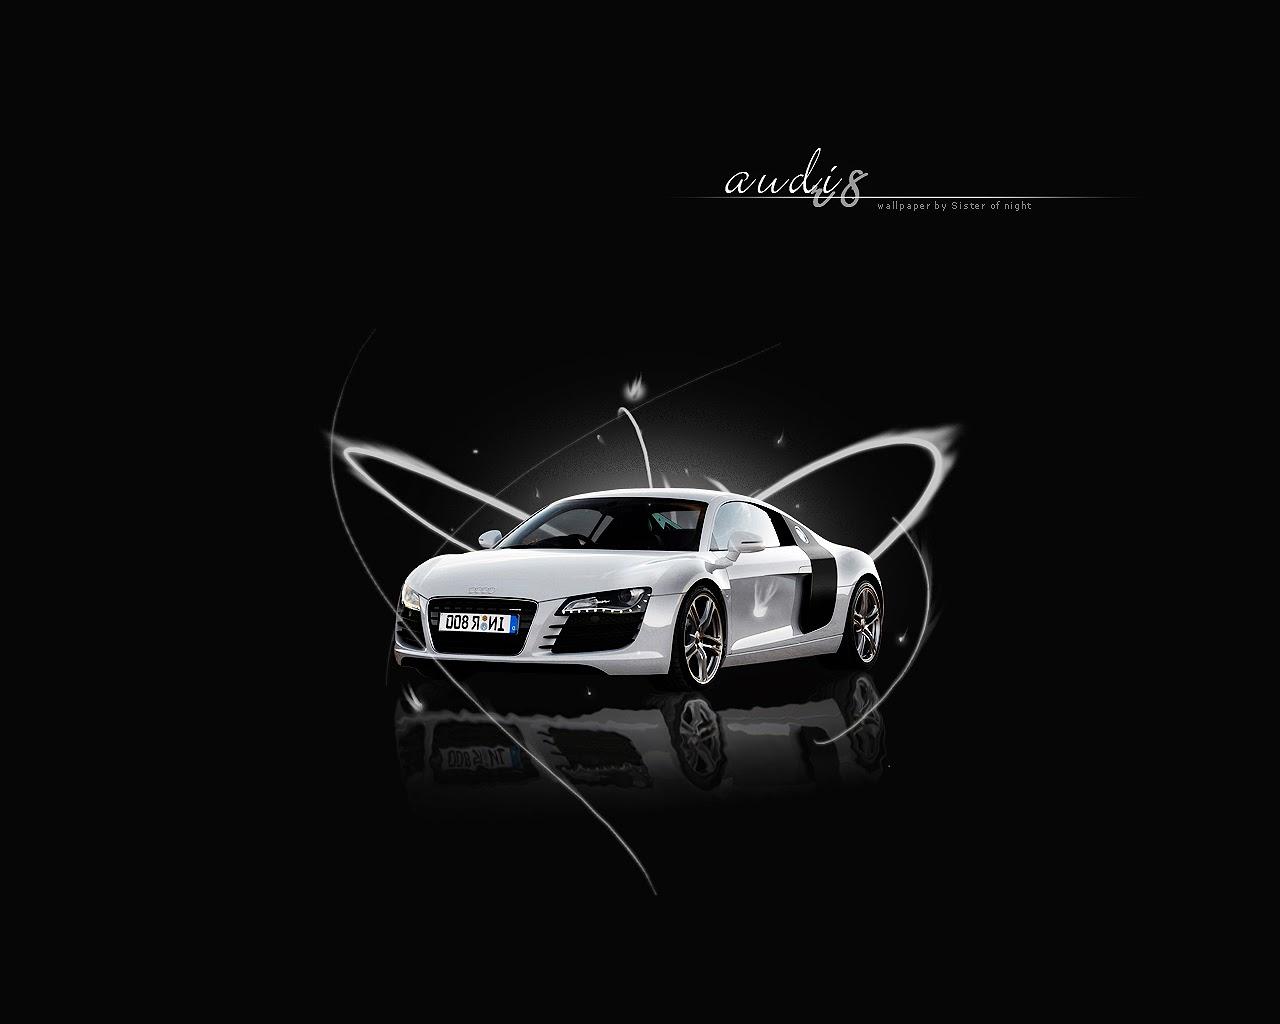 audi car symbol wallpaper » full hd pictures [4k ultra] | full